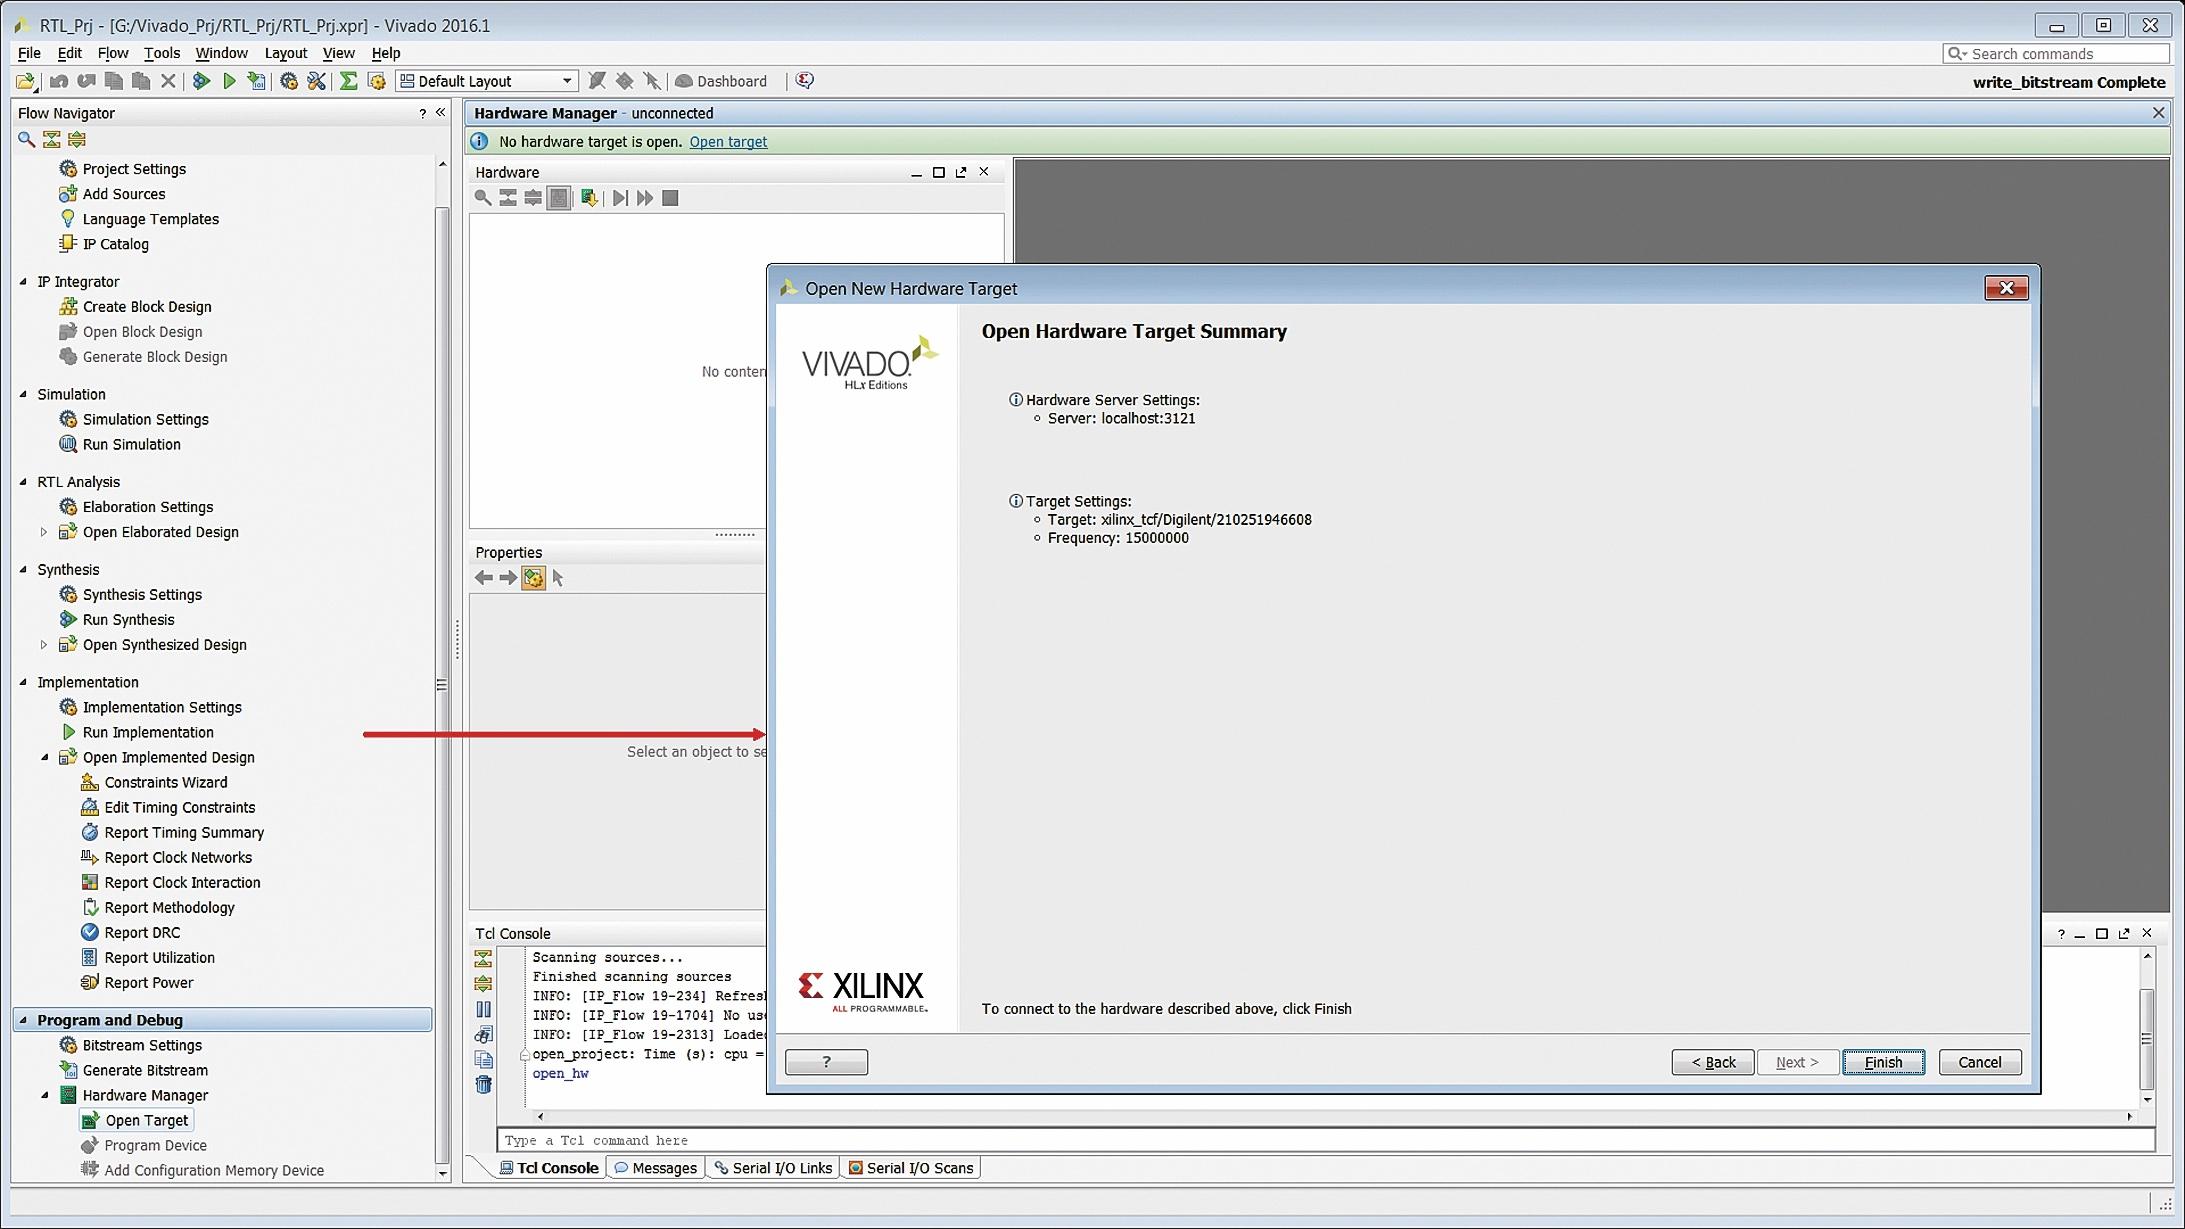 Отображение информации об инструментальных средствах, выбранных для аппаратной верификации разрабатываемого проекта